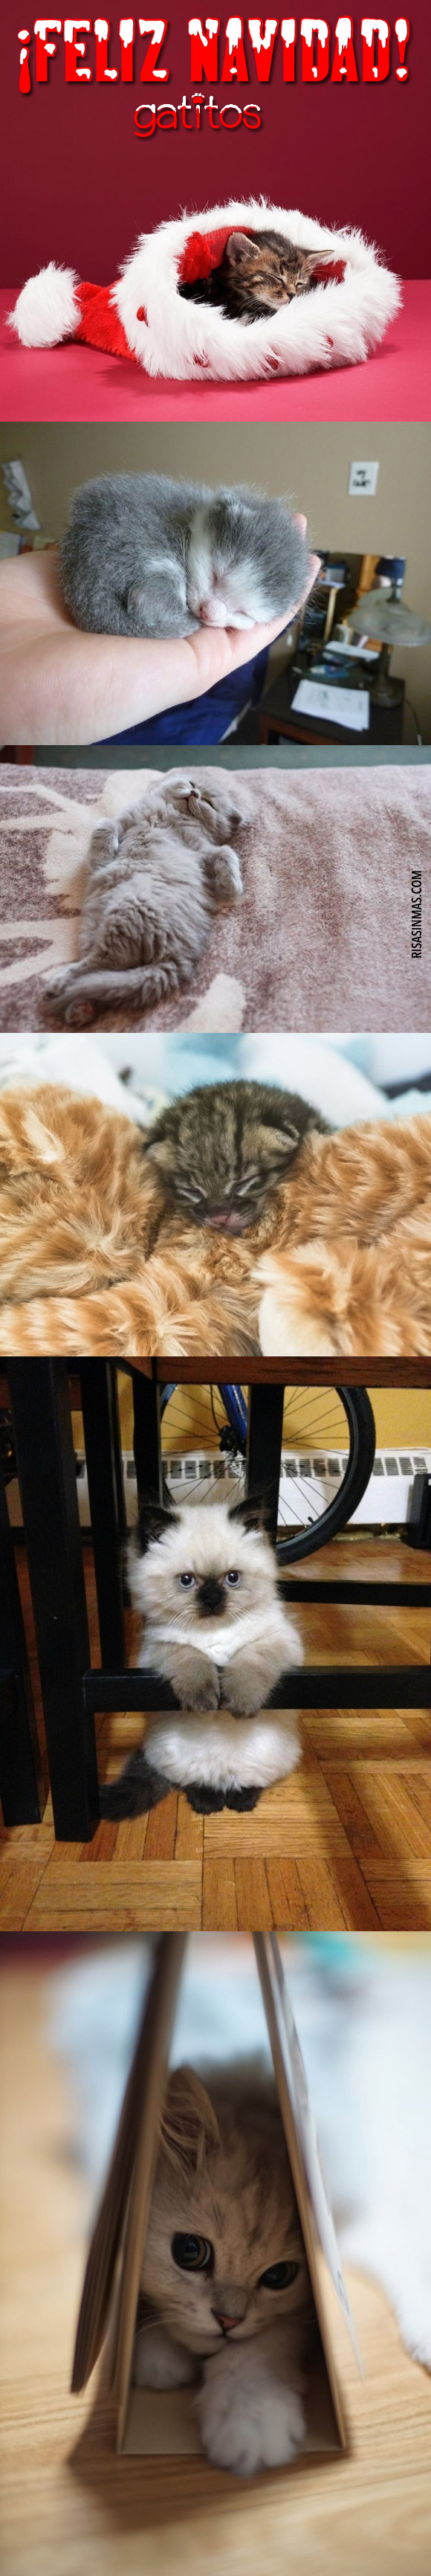 Galería de fotos de gatitos